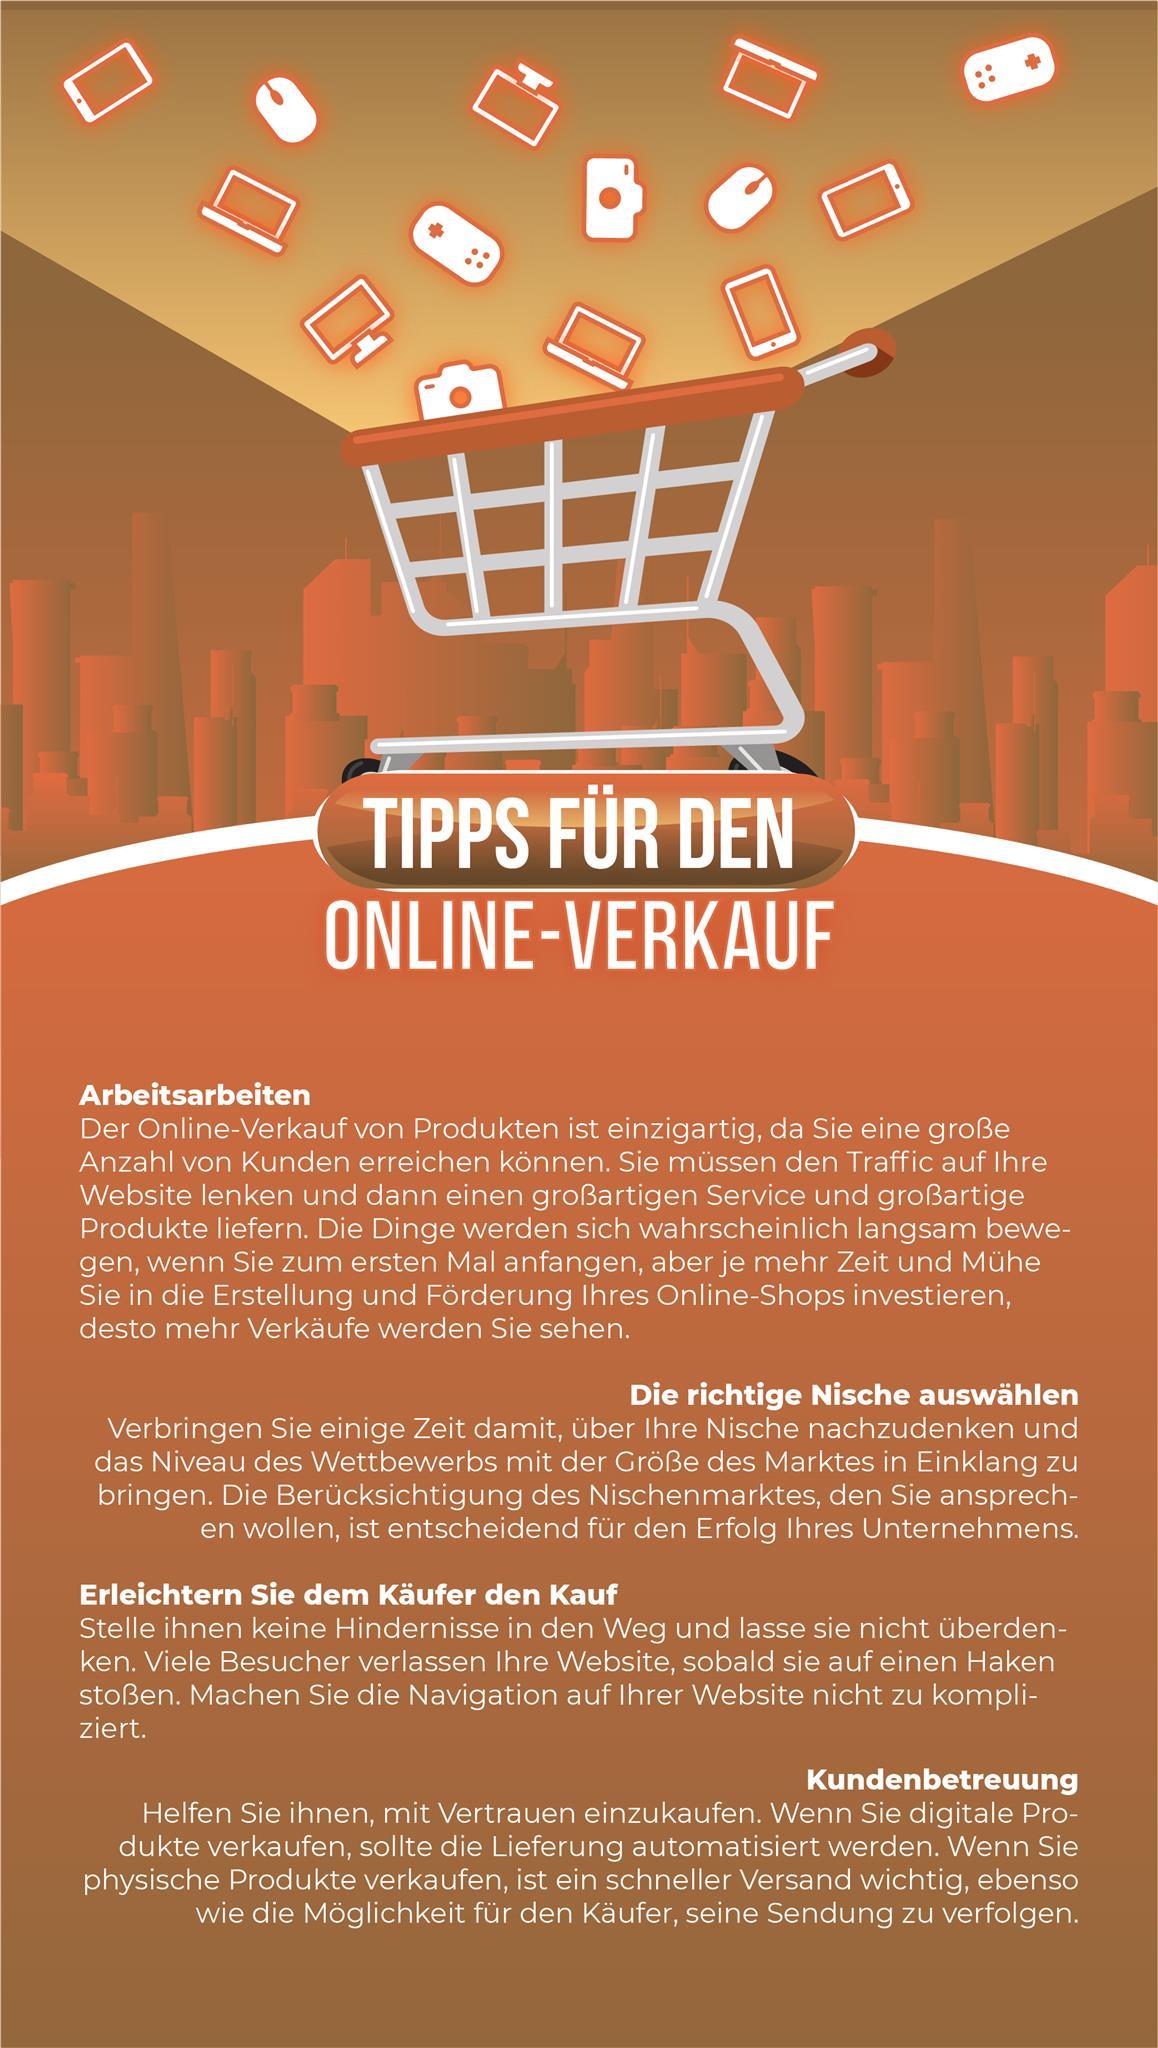 Tipps für den Online Verkauf